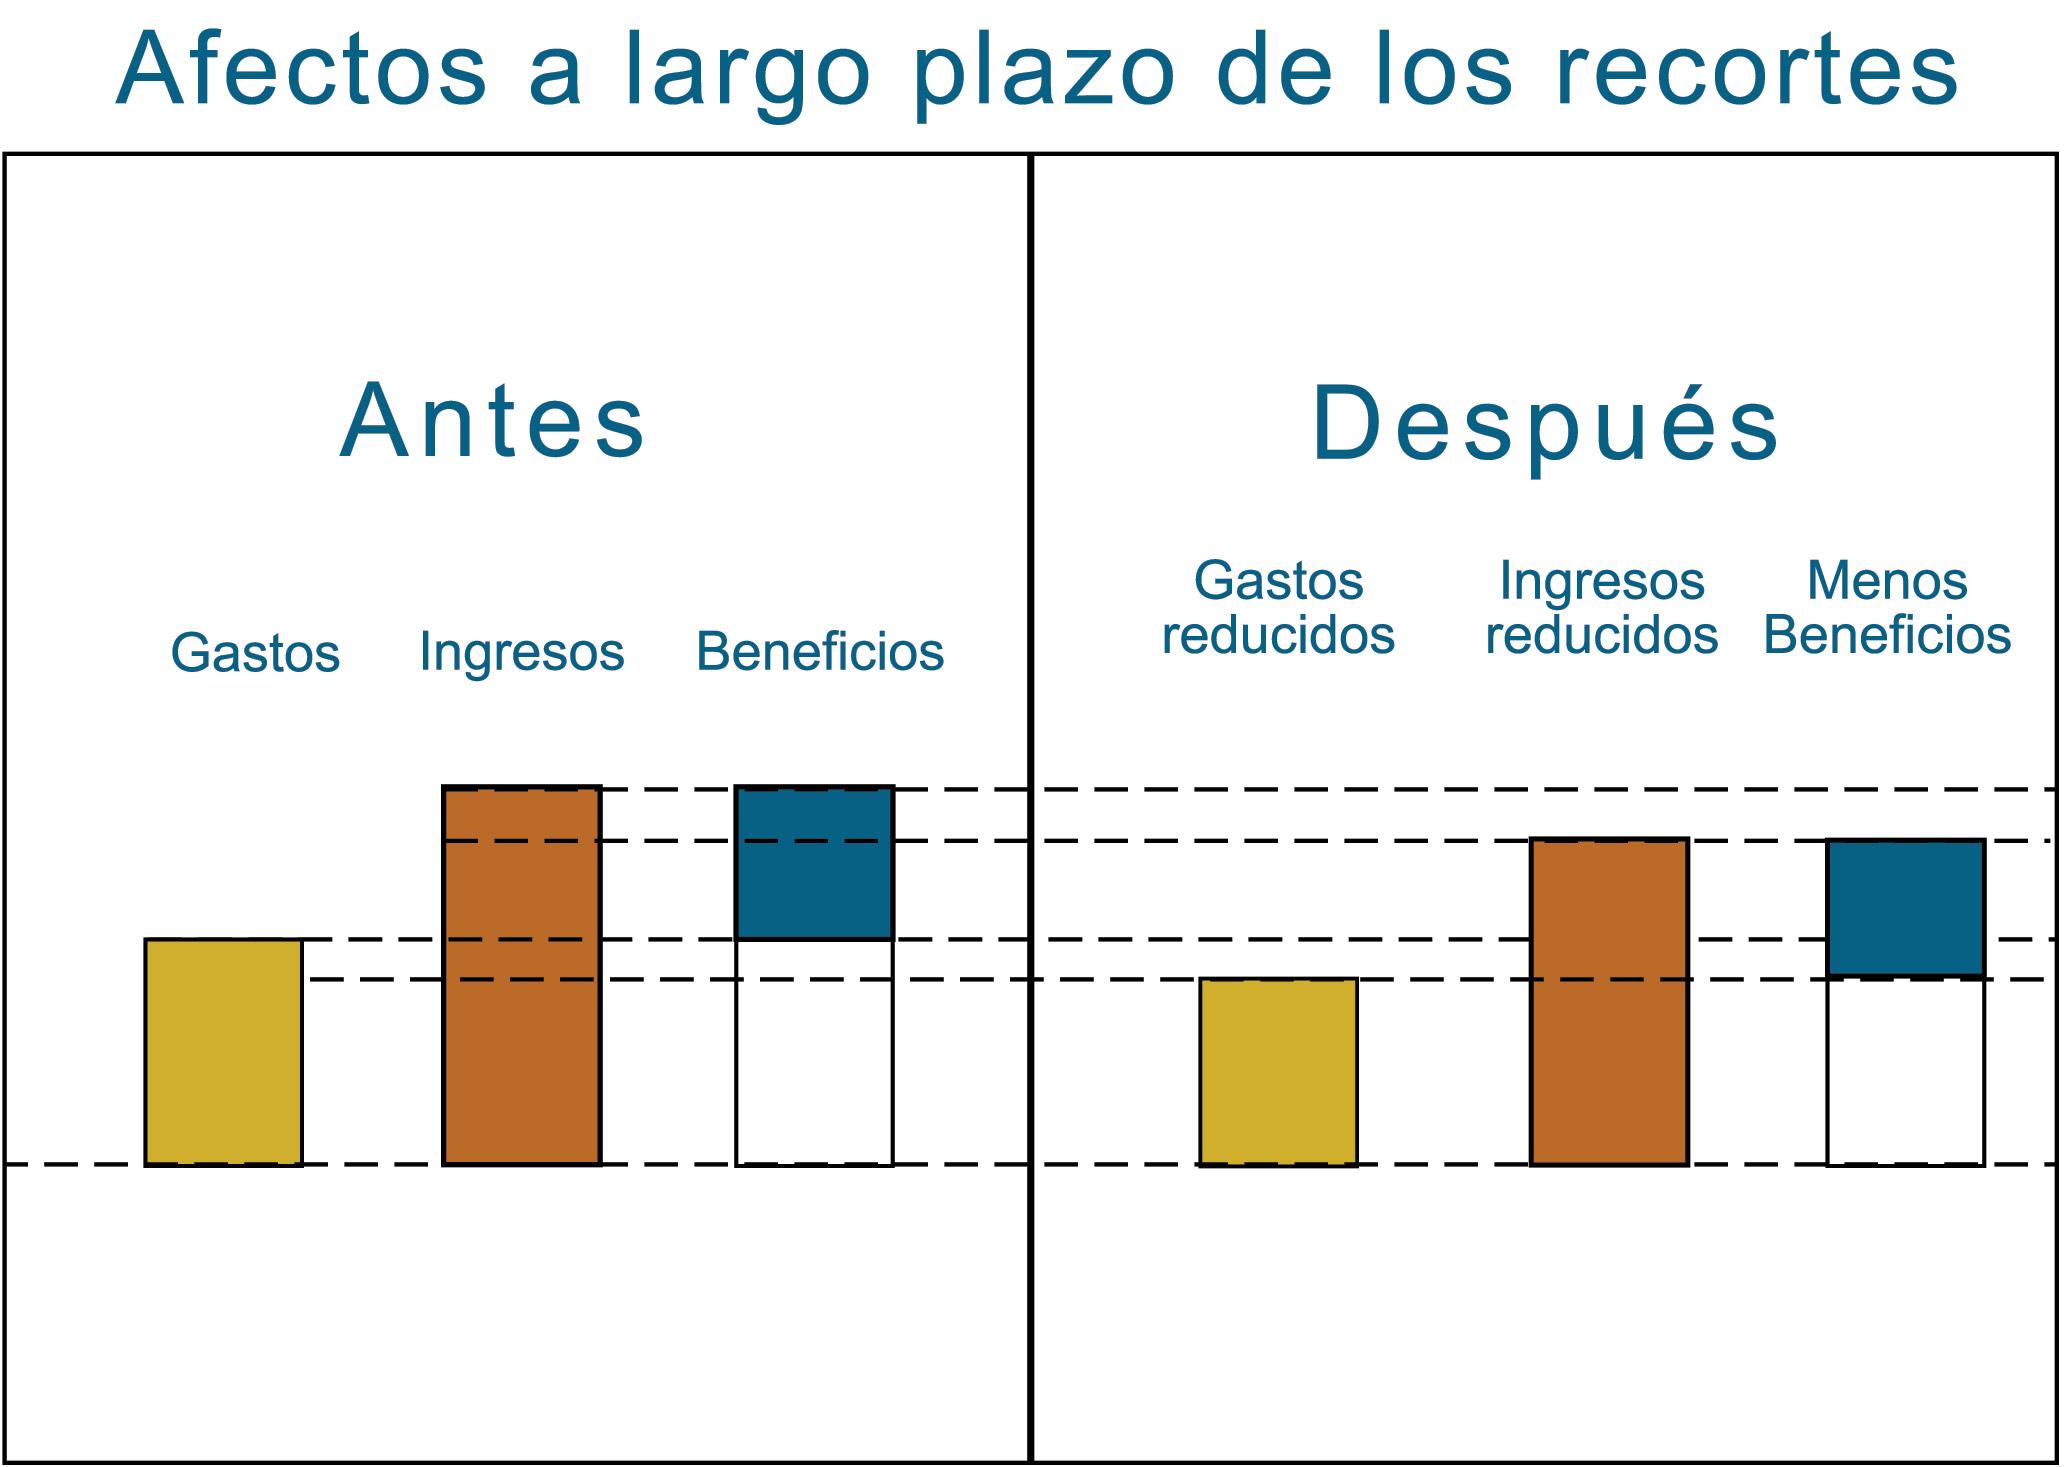 gráfico sobre aumentar los beneficios aumentando los ingresos no se produce con los recortes